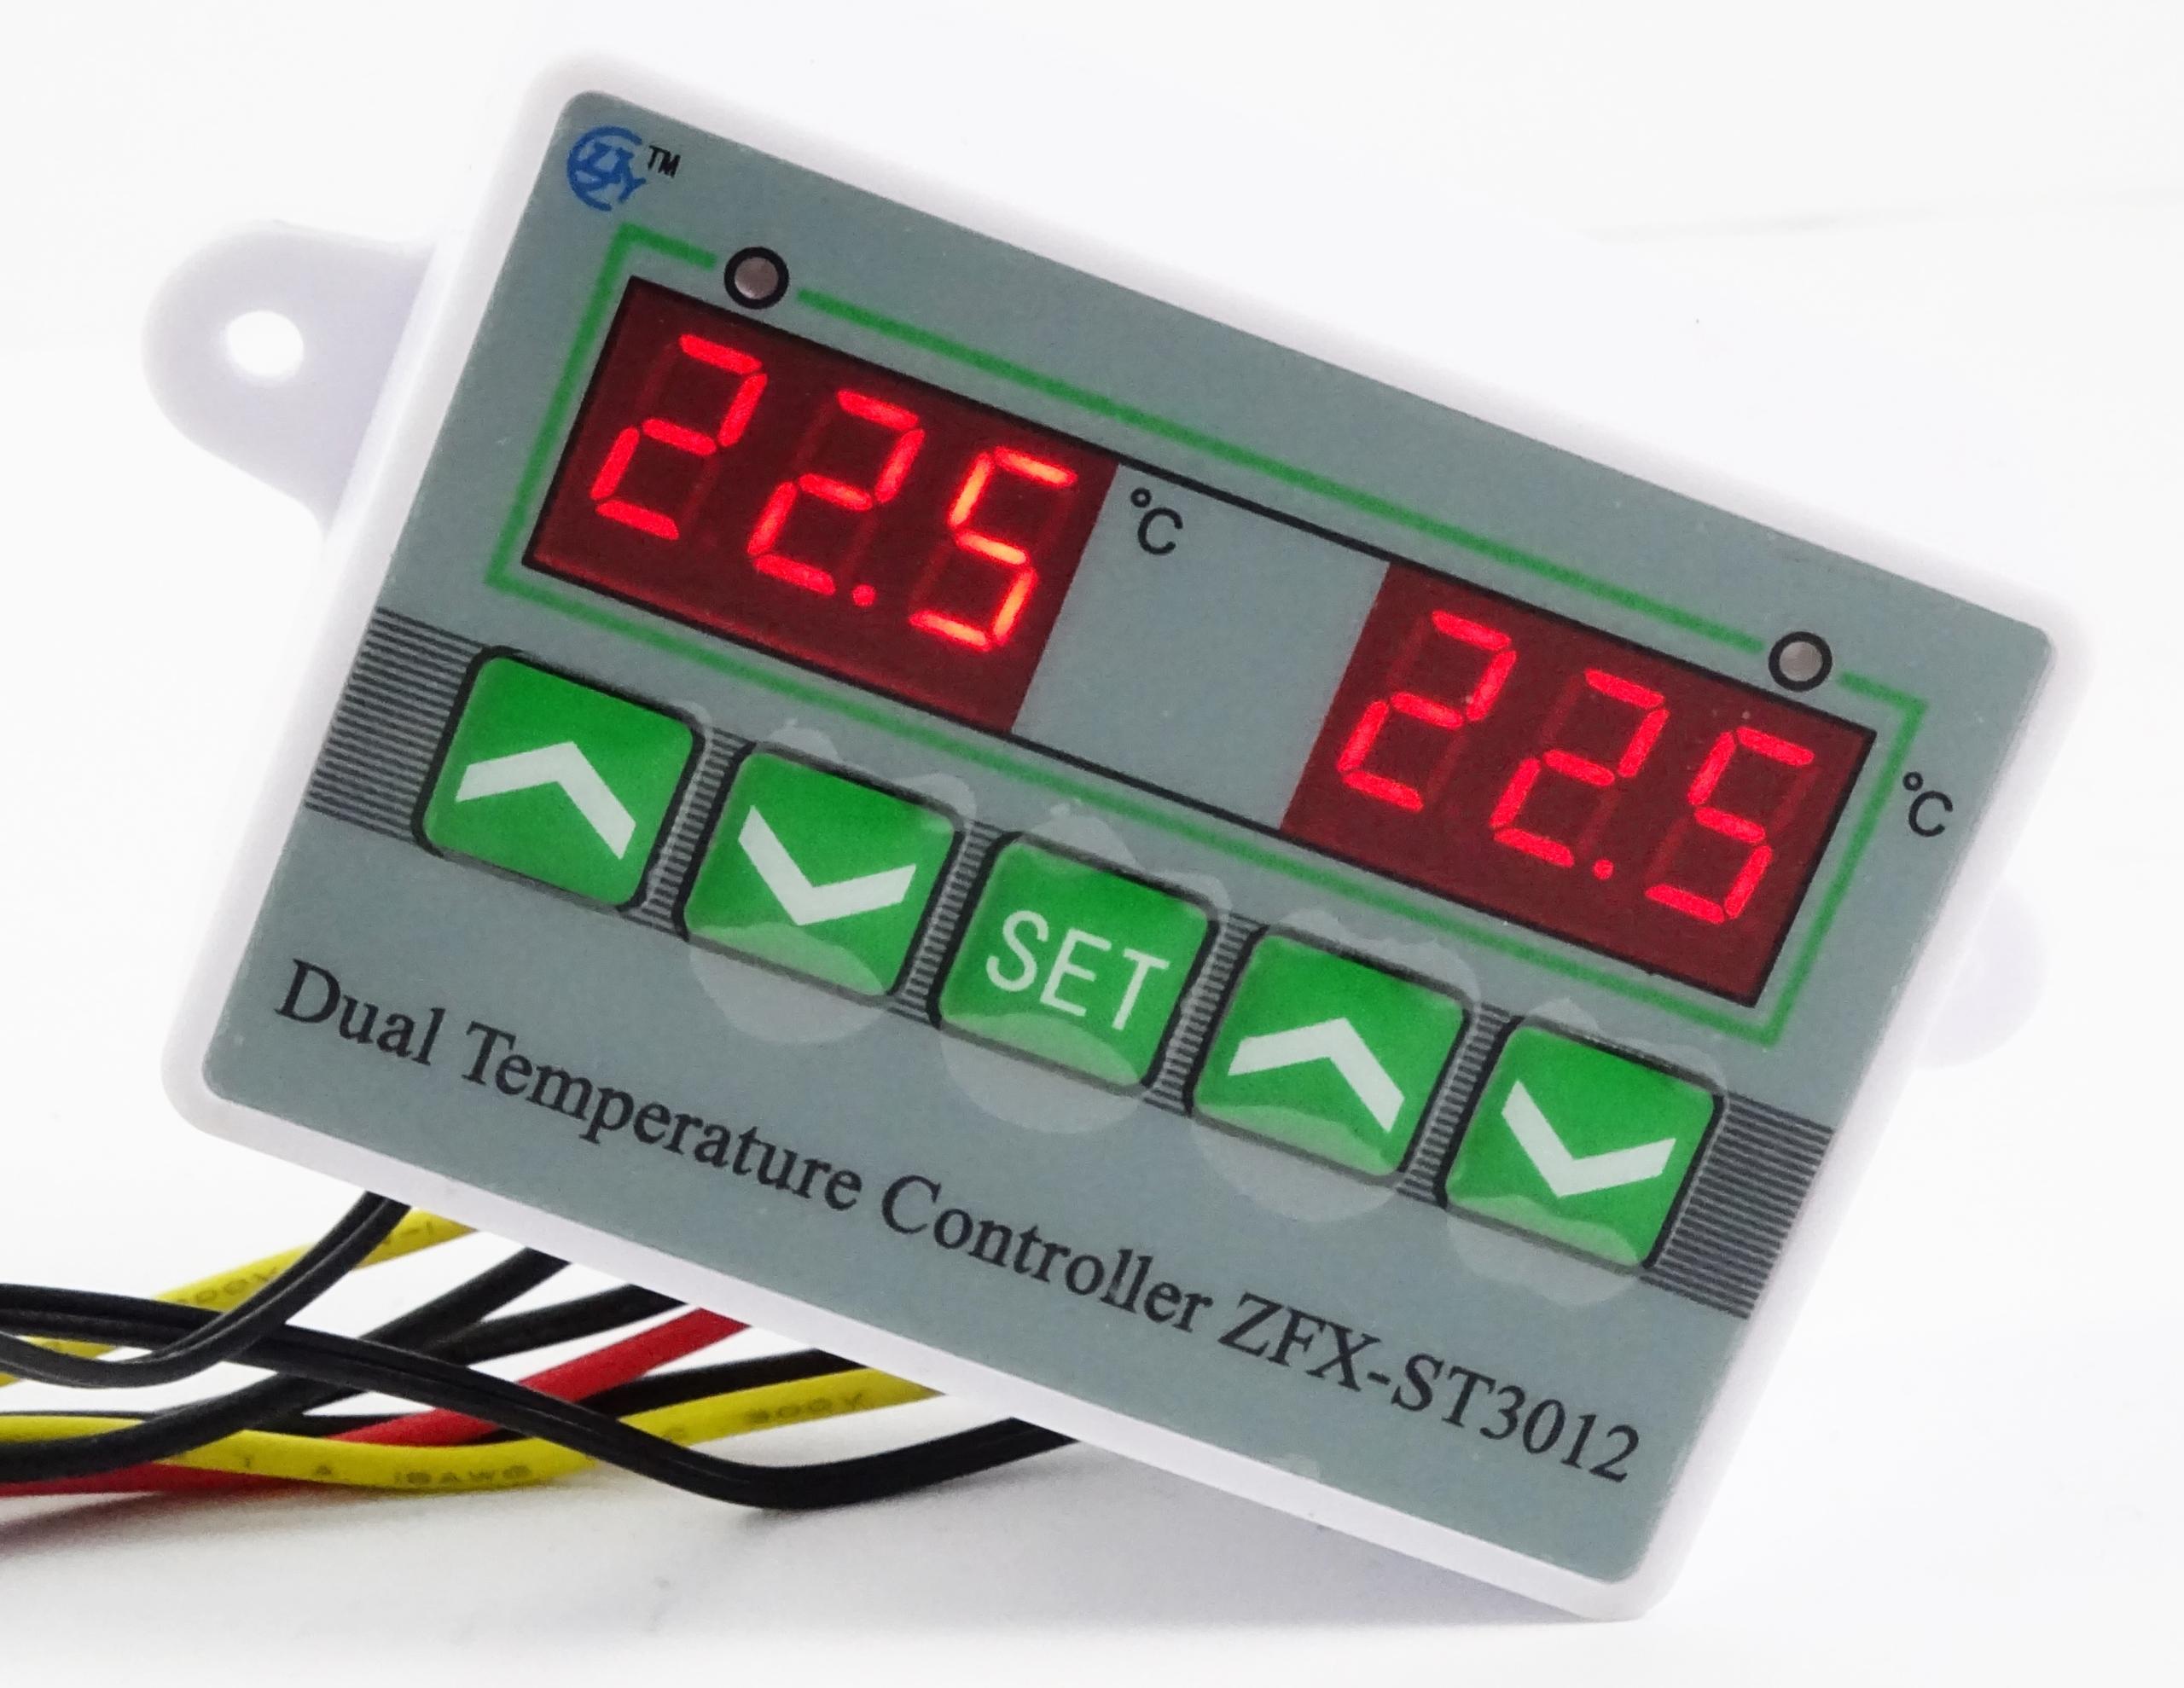 Термометр для коптильни: механический терморегулятор, датчик температуры для вариантов для горячего копчения, как выбрать термодатчик